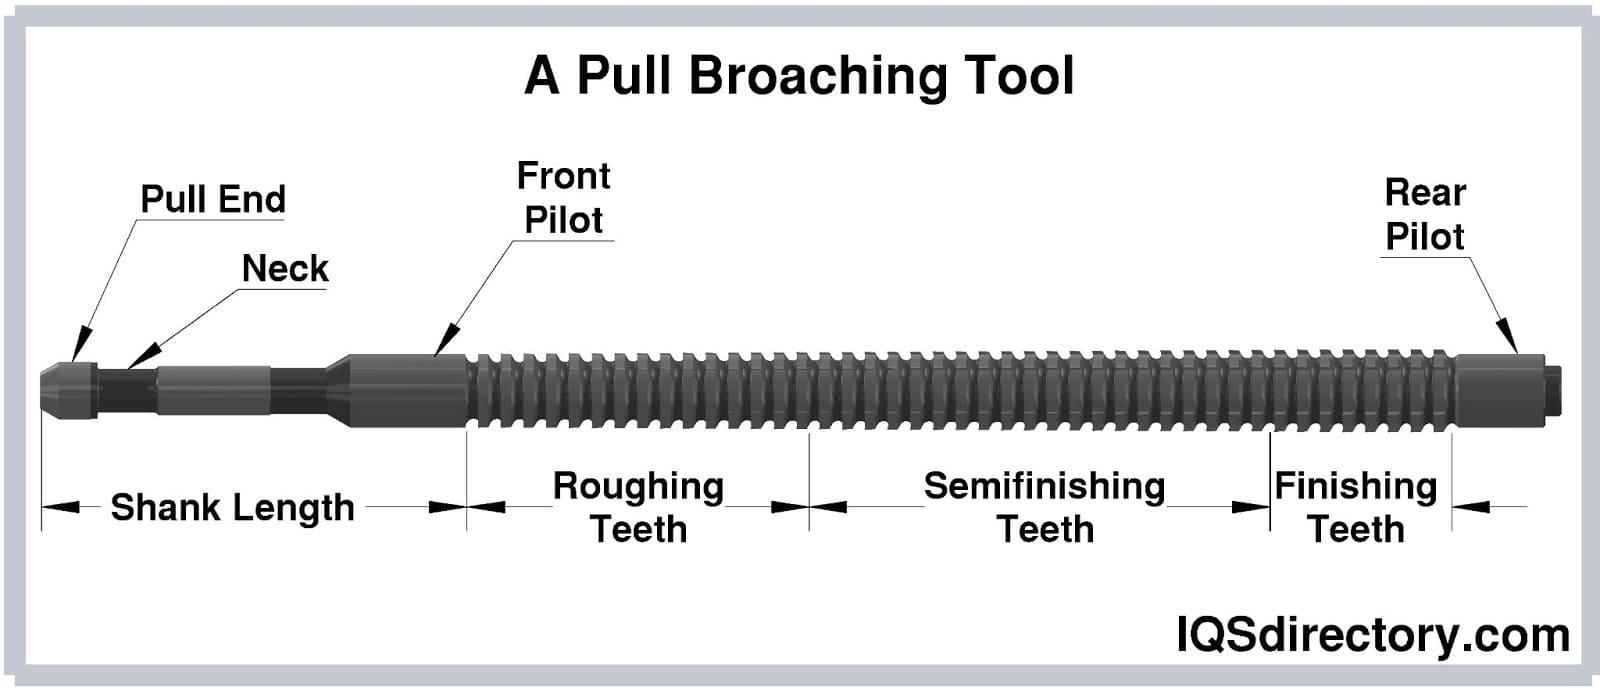 Broaching Tool Terminology